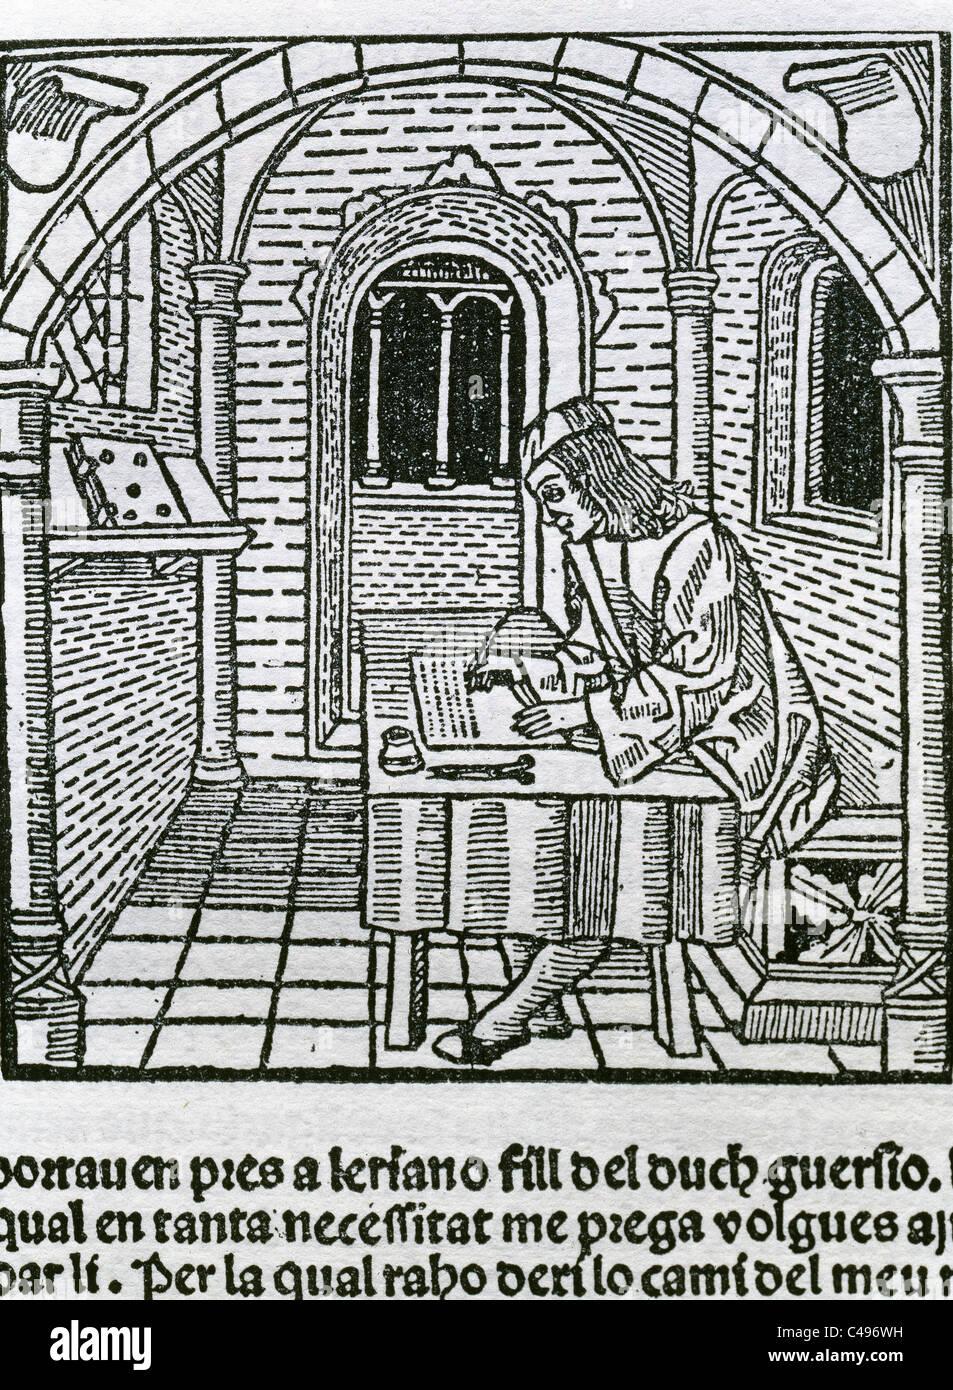 Spanische Literatur. Diego de San Pedro (ca. 1437-ca. 1498). Spanischer Schriftsteller. Das Gefängnis der Liebe, Stockbild